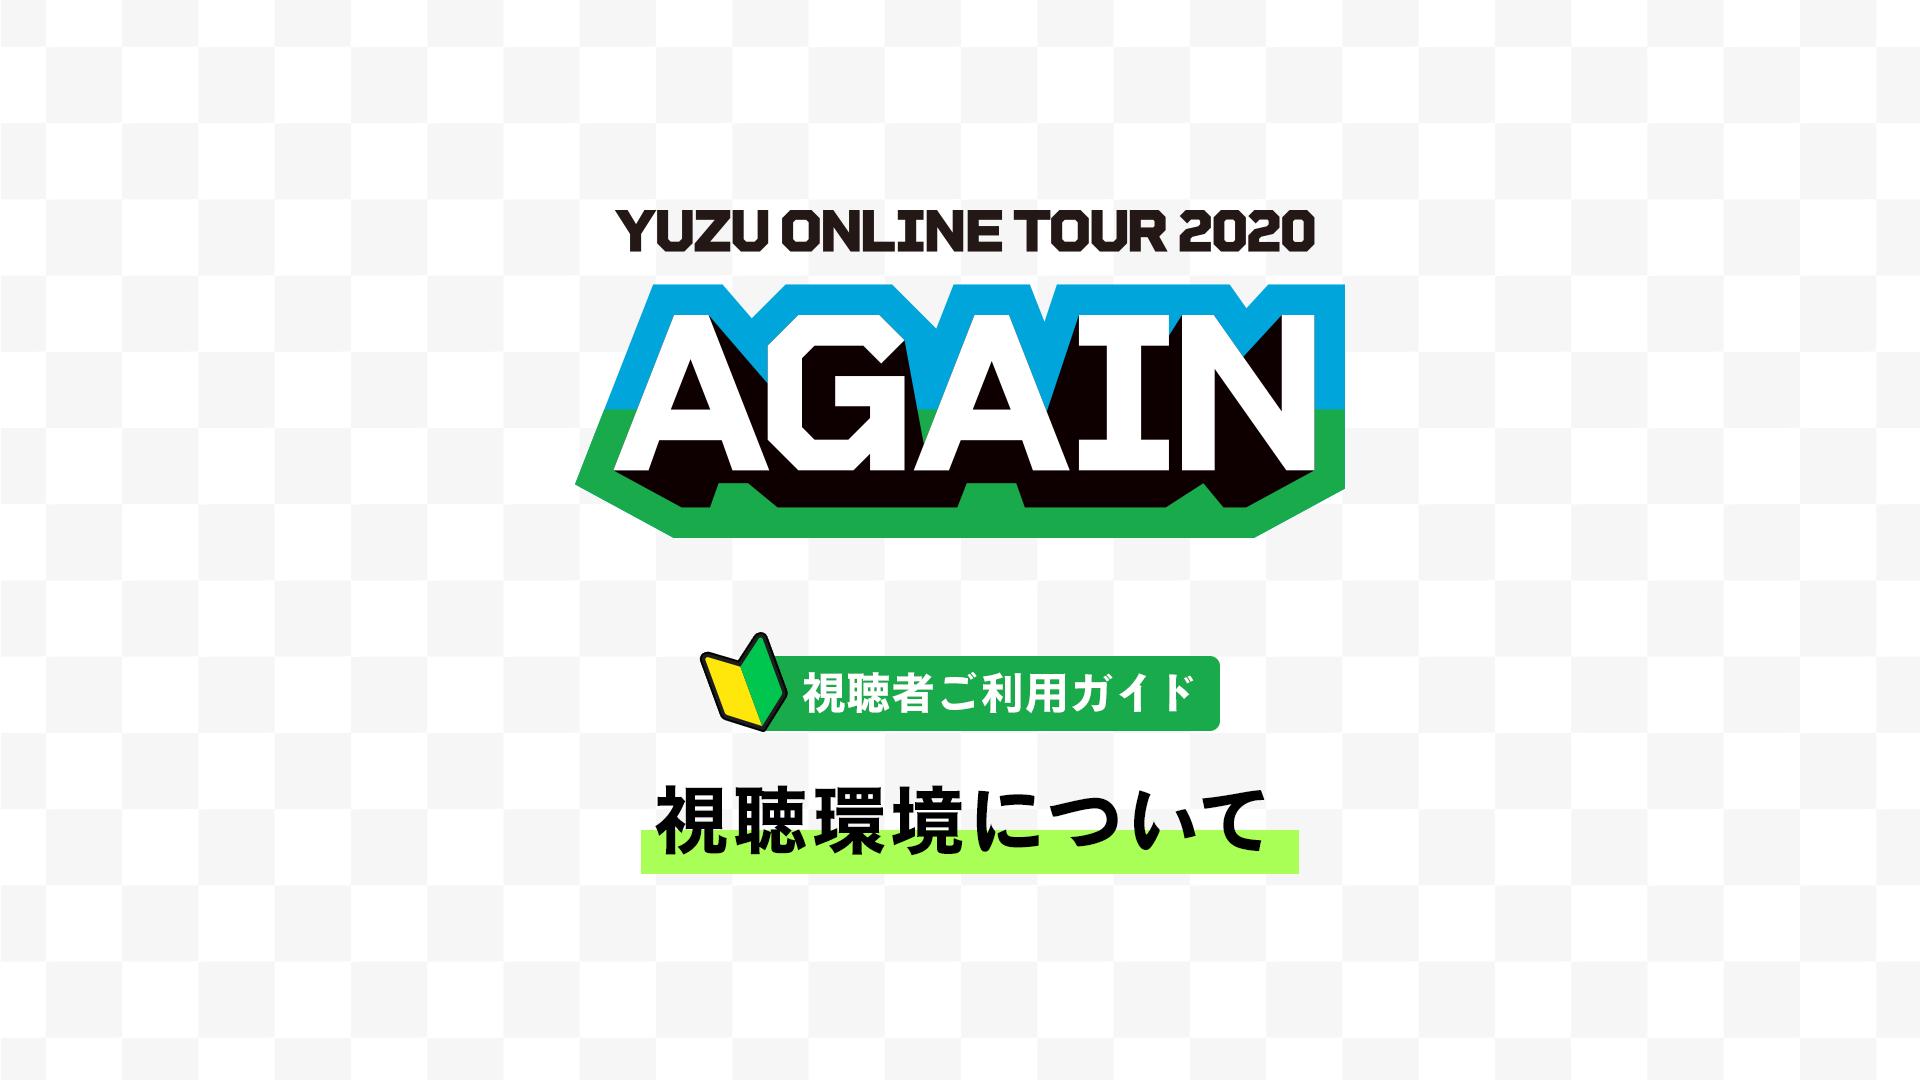 ゆずオンラインツアー 『YUZU ONLINE TOUR 2020 AGAIN』視聴ガイド